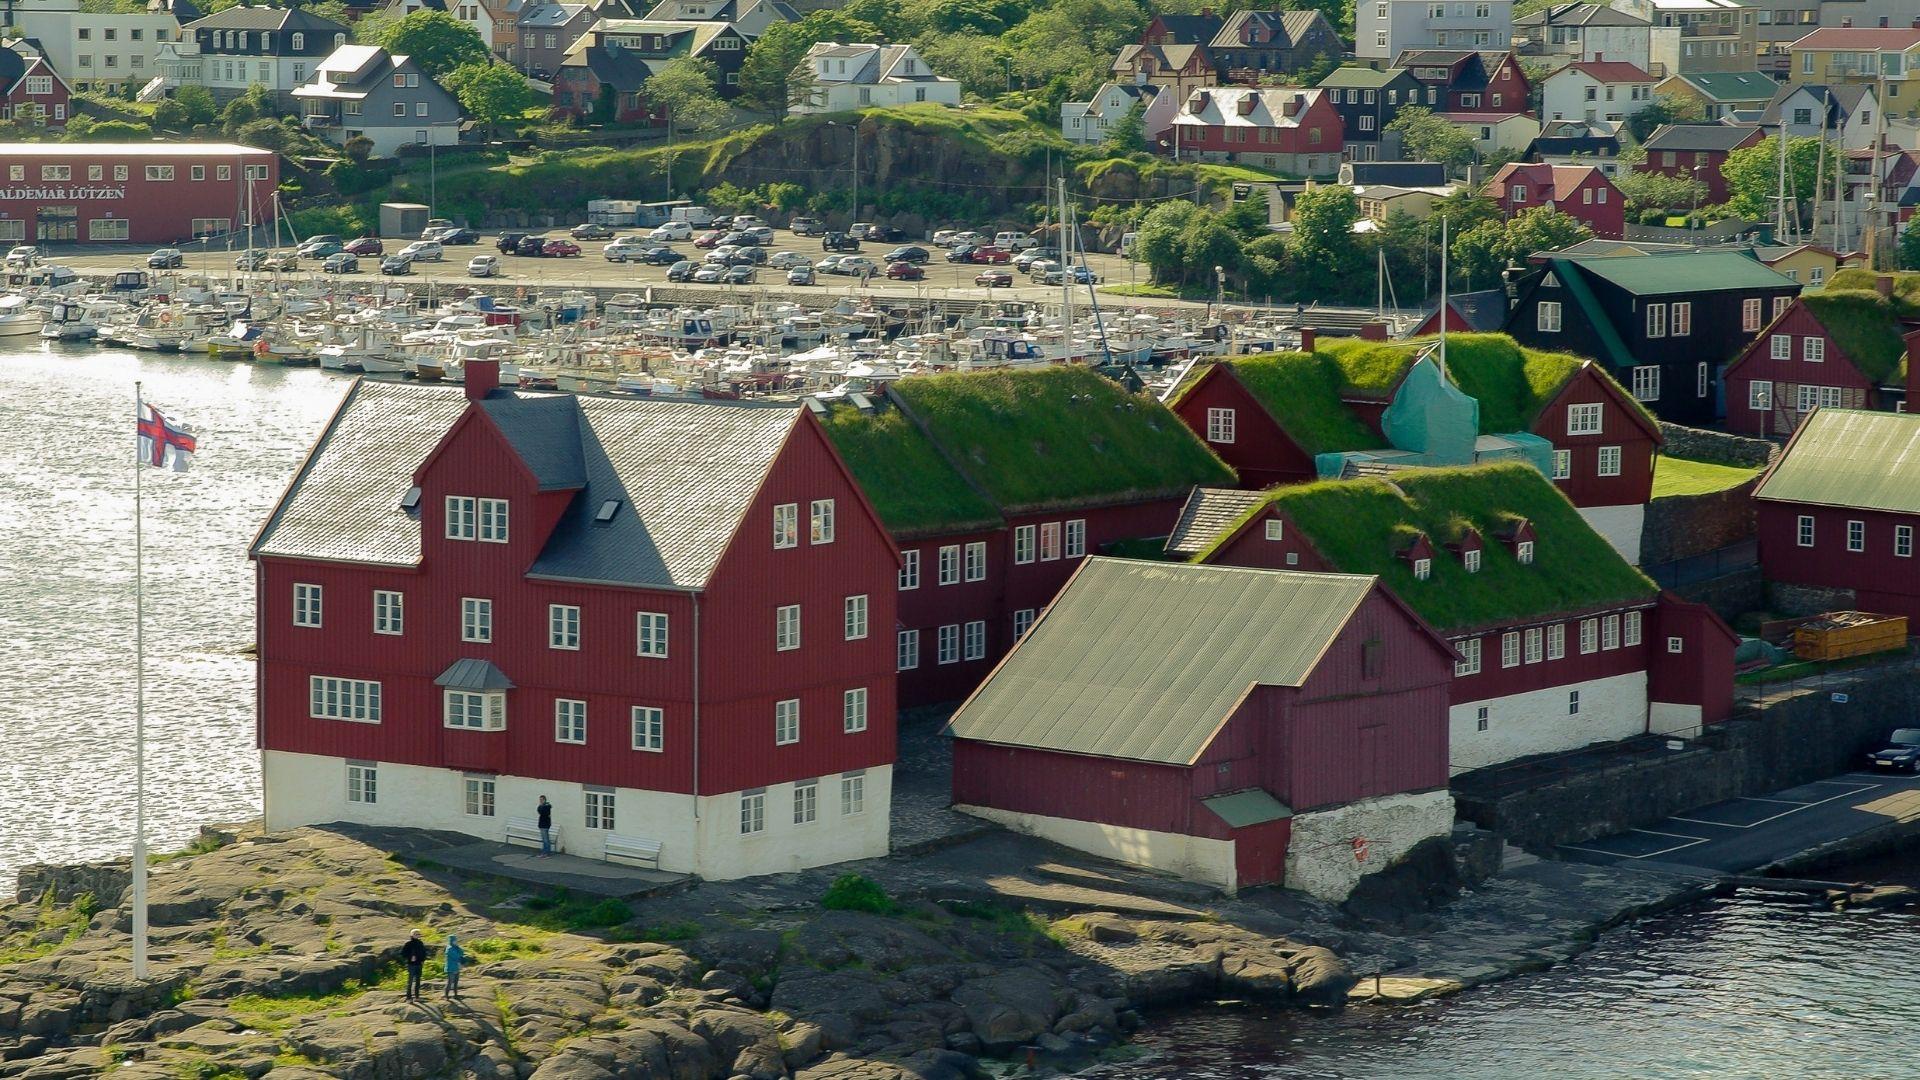 Thorshavn cruise port - unique european cruise destinations